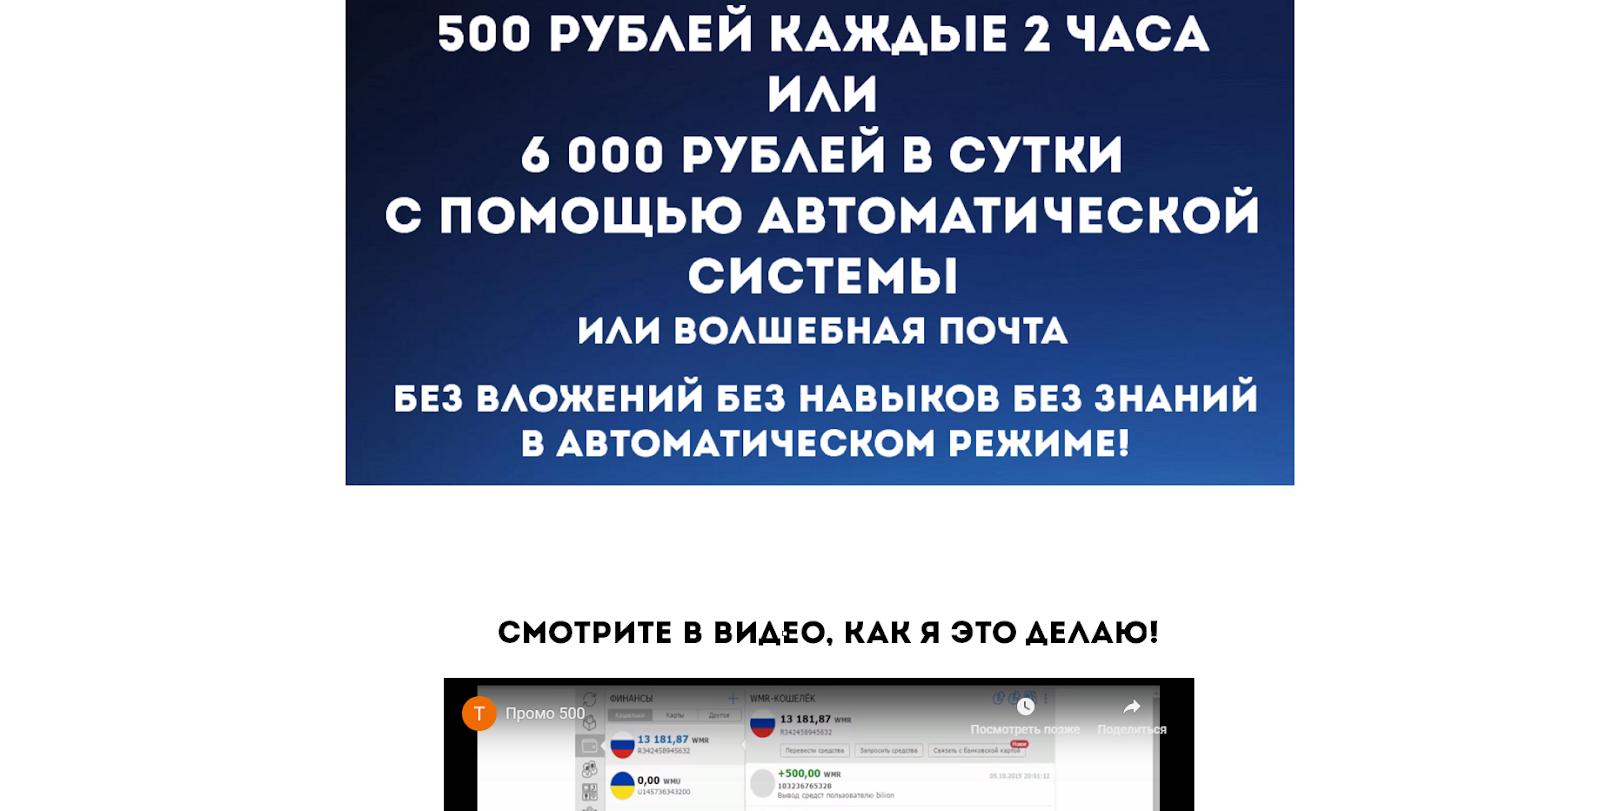 Как в интернете заработать 500 рублей за час отзывы стратегии ставок на спорт